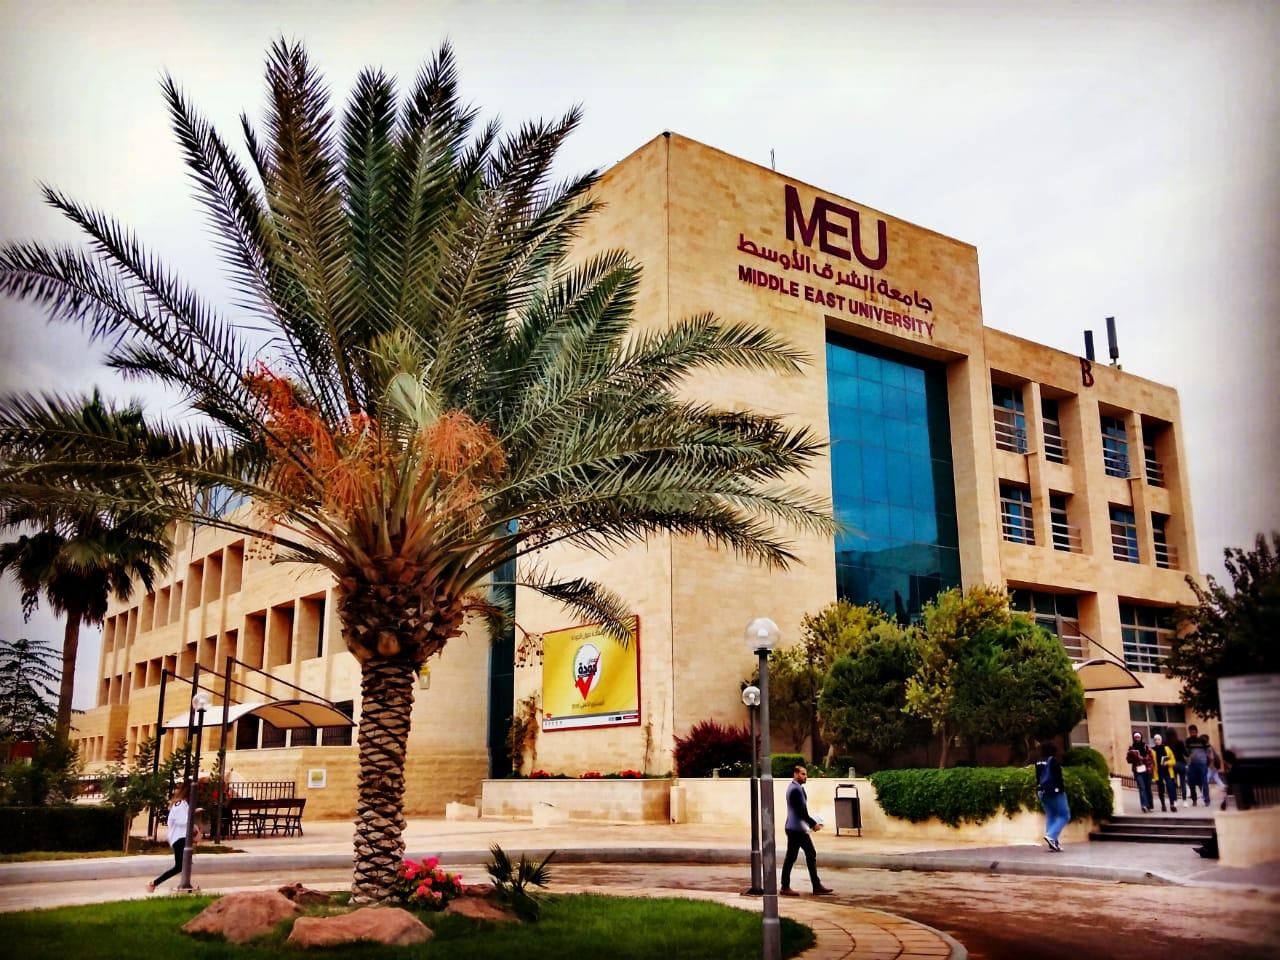 جامعة الشرق الأوسط تحقق نجاحًا باهرًا في تقديم الامتحانات النهائية عن بُعد